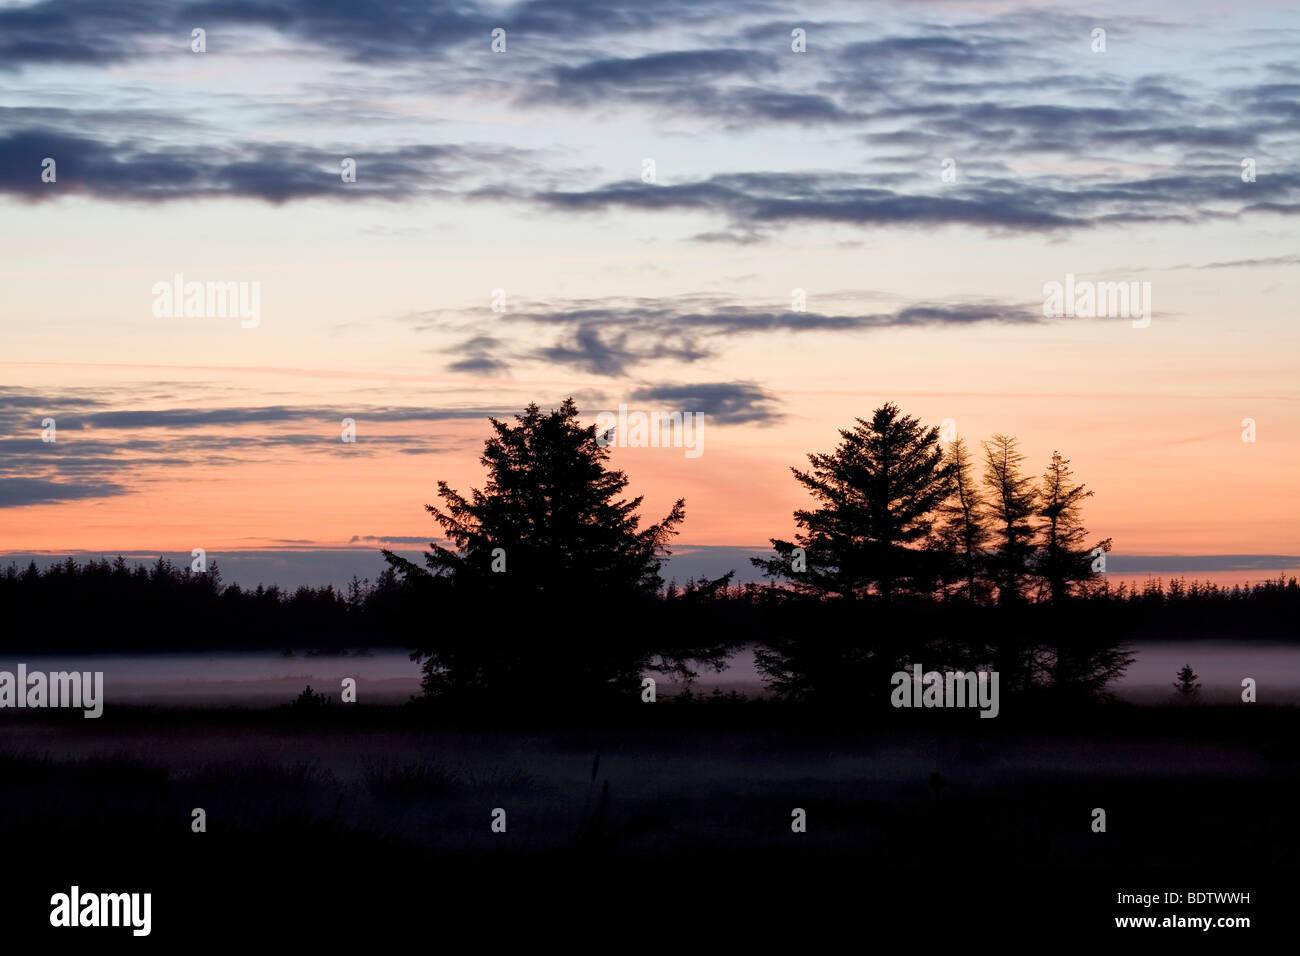 Rotfichten im Abendlicht / Norway Spruce in sunset / Picea abies - Stock Image